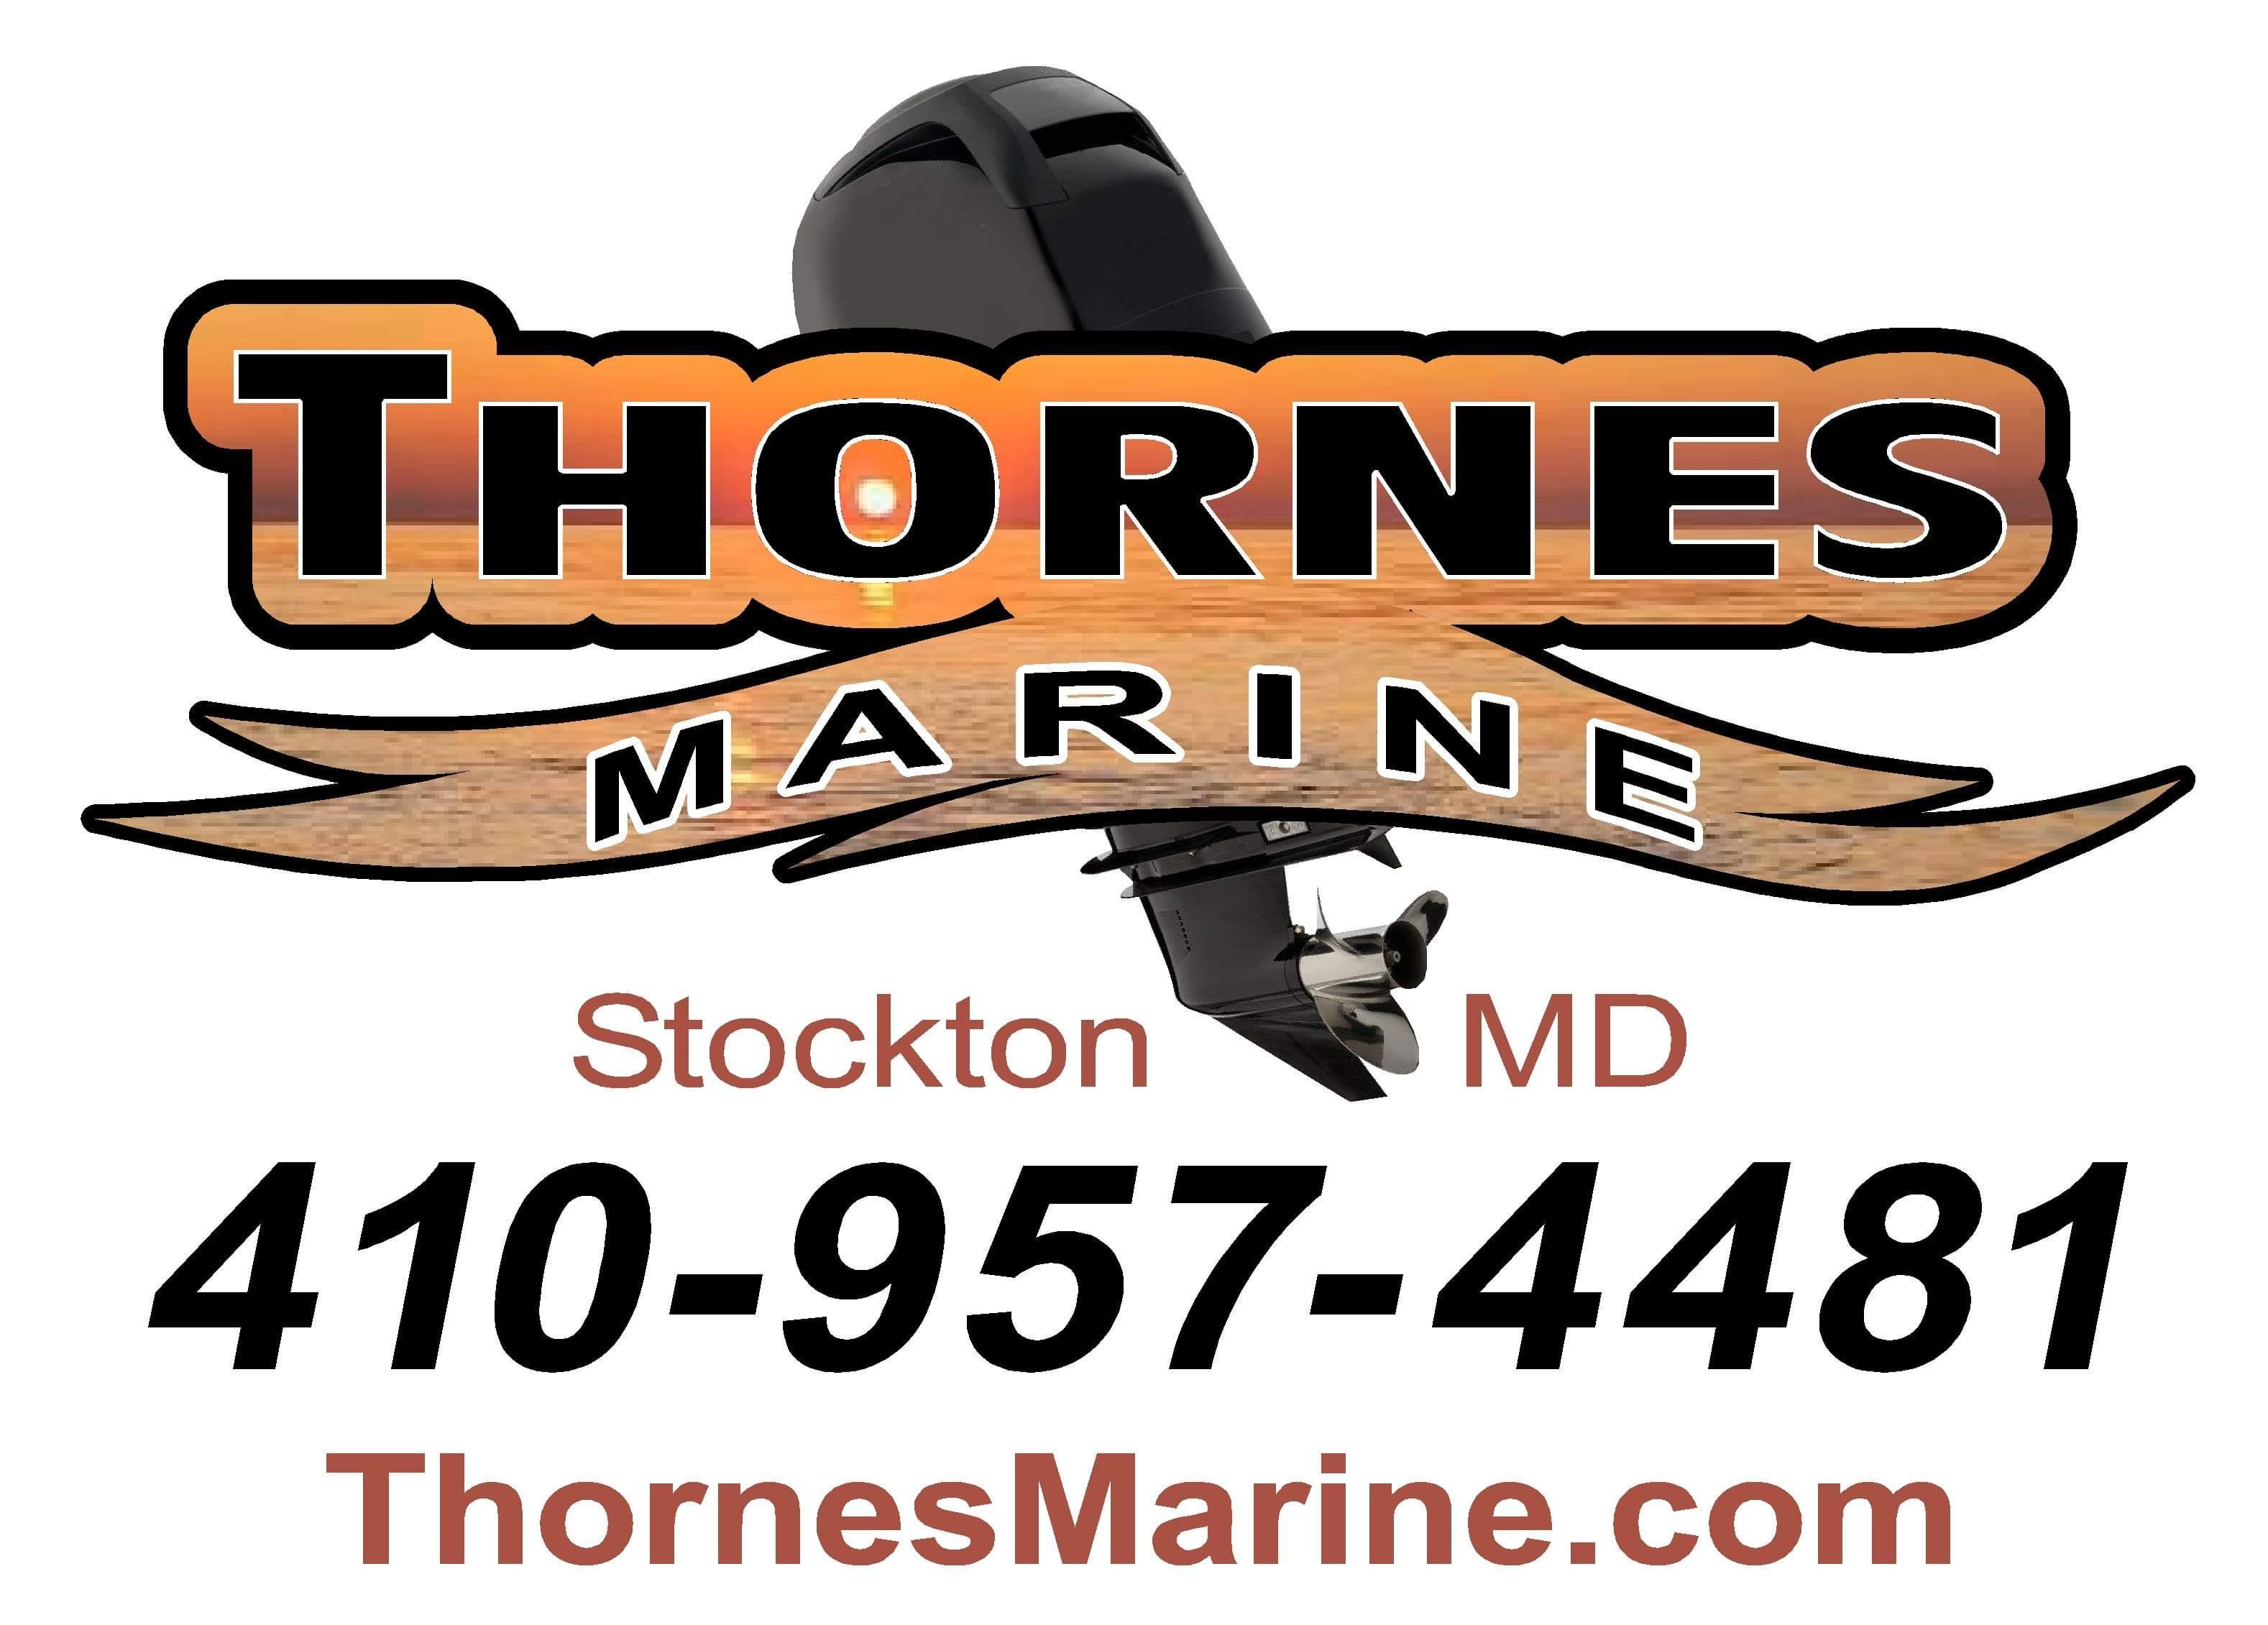 Thornes Marine